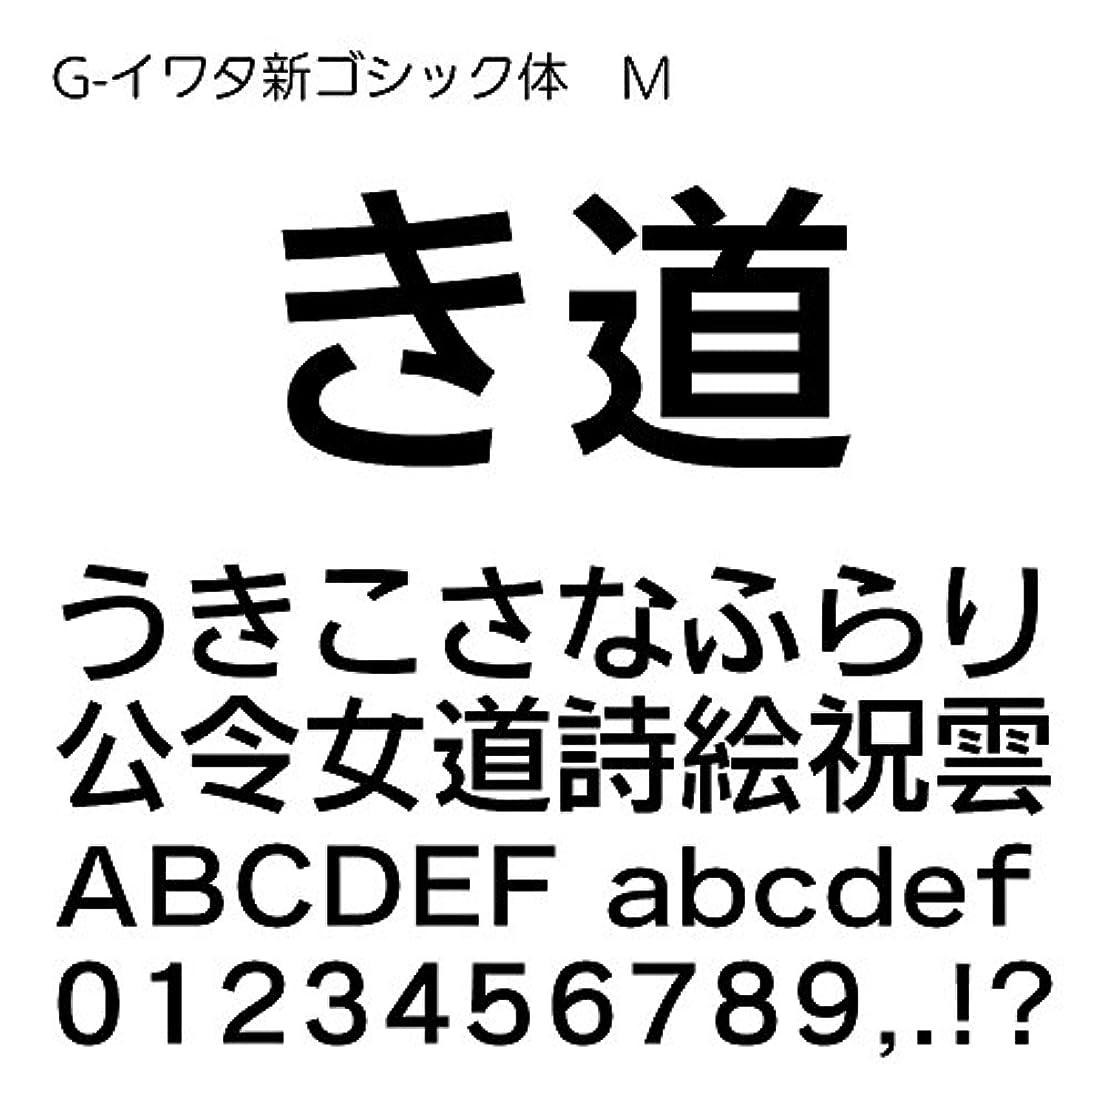 スポーツマンクラックヒョウG-イワタ新ゴシック体M Pro OpenType Font for Windows [ダウンロード]